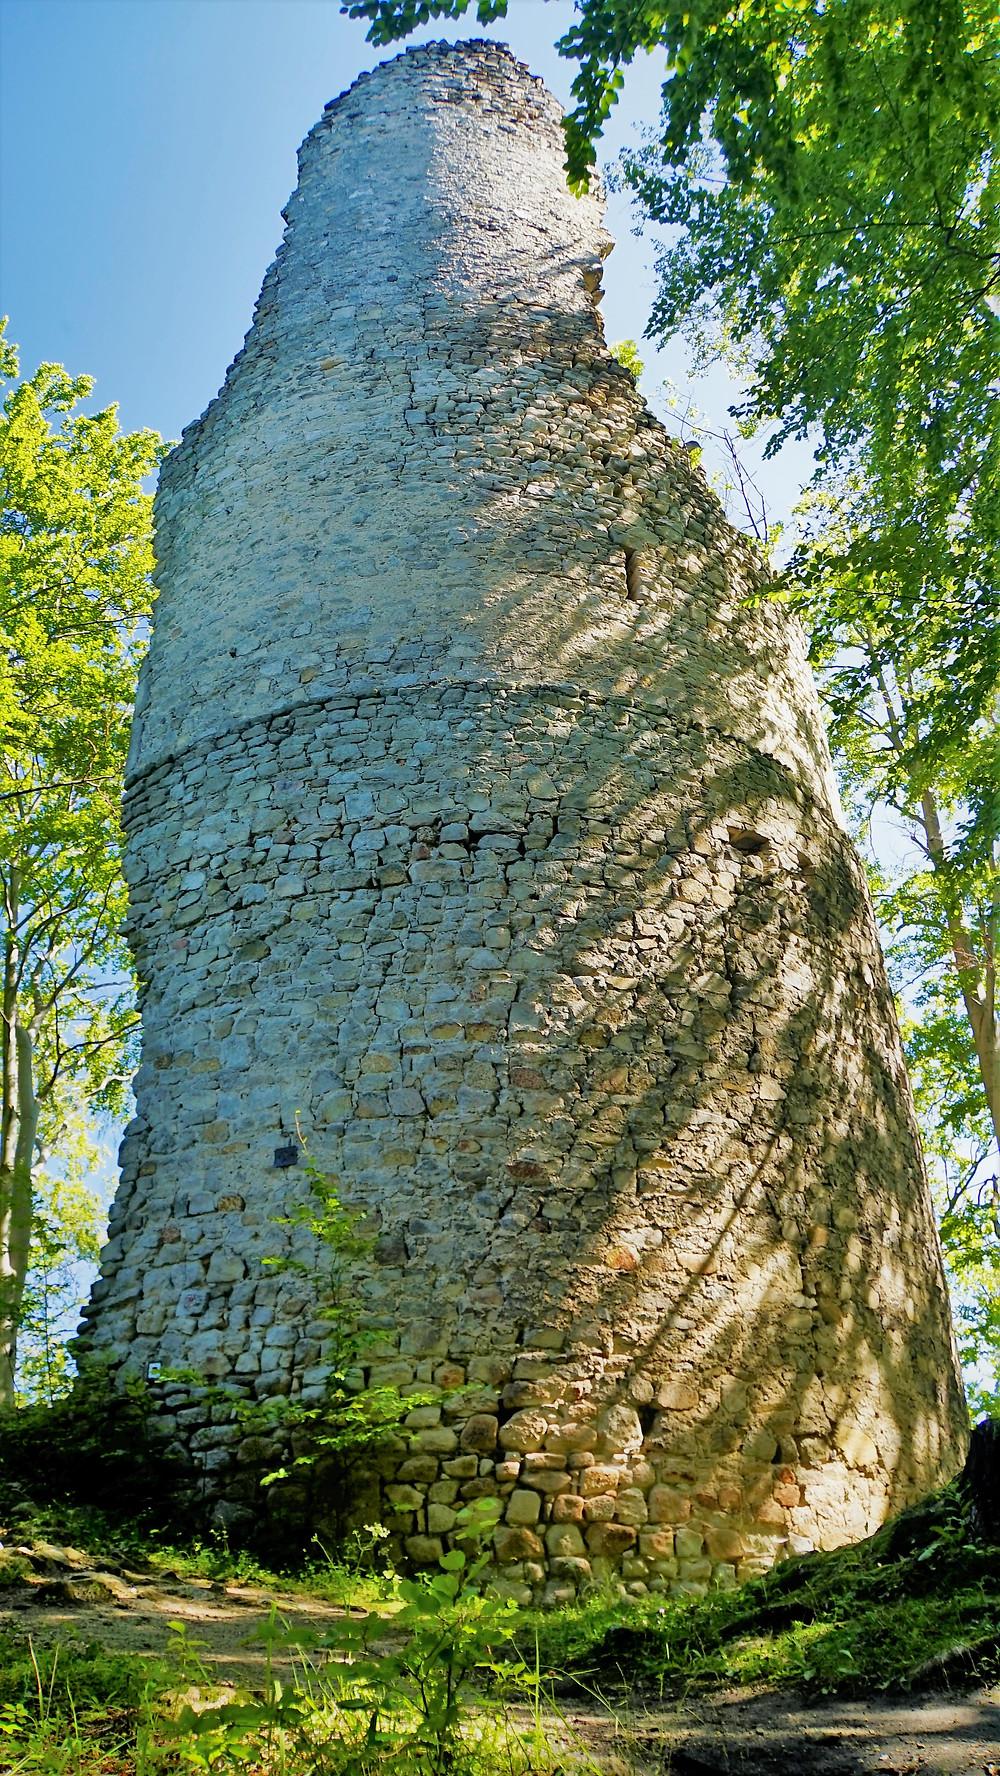 Bergfritová věž zříceniny Kaltenštejn